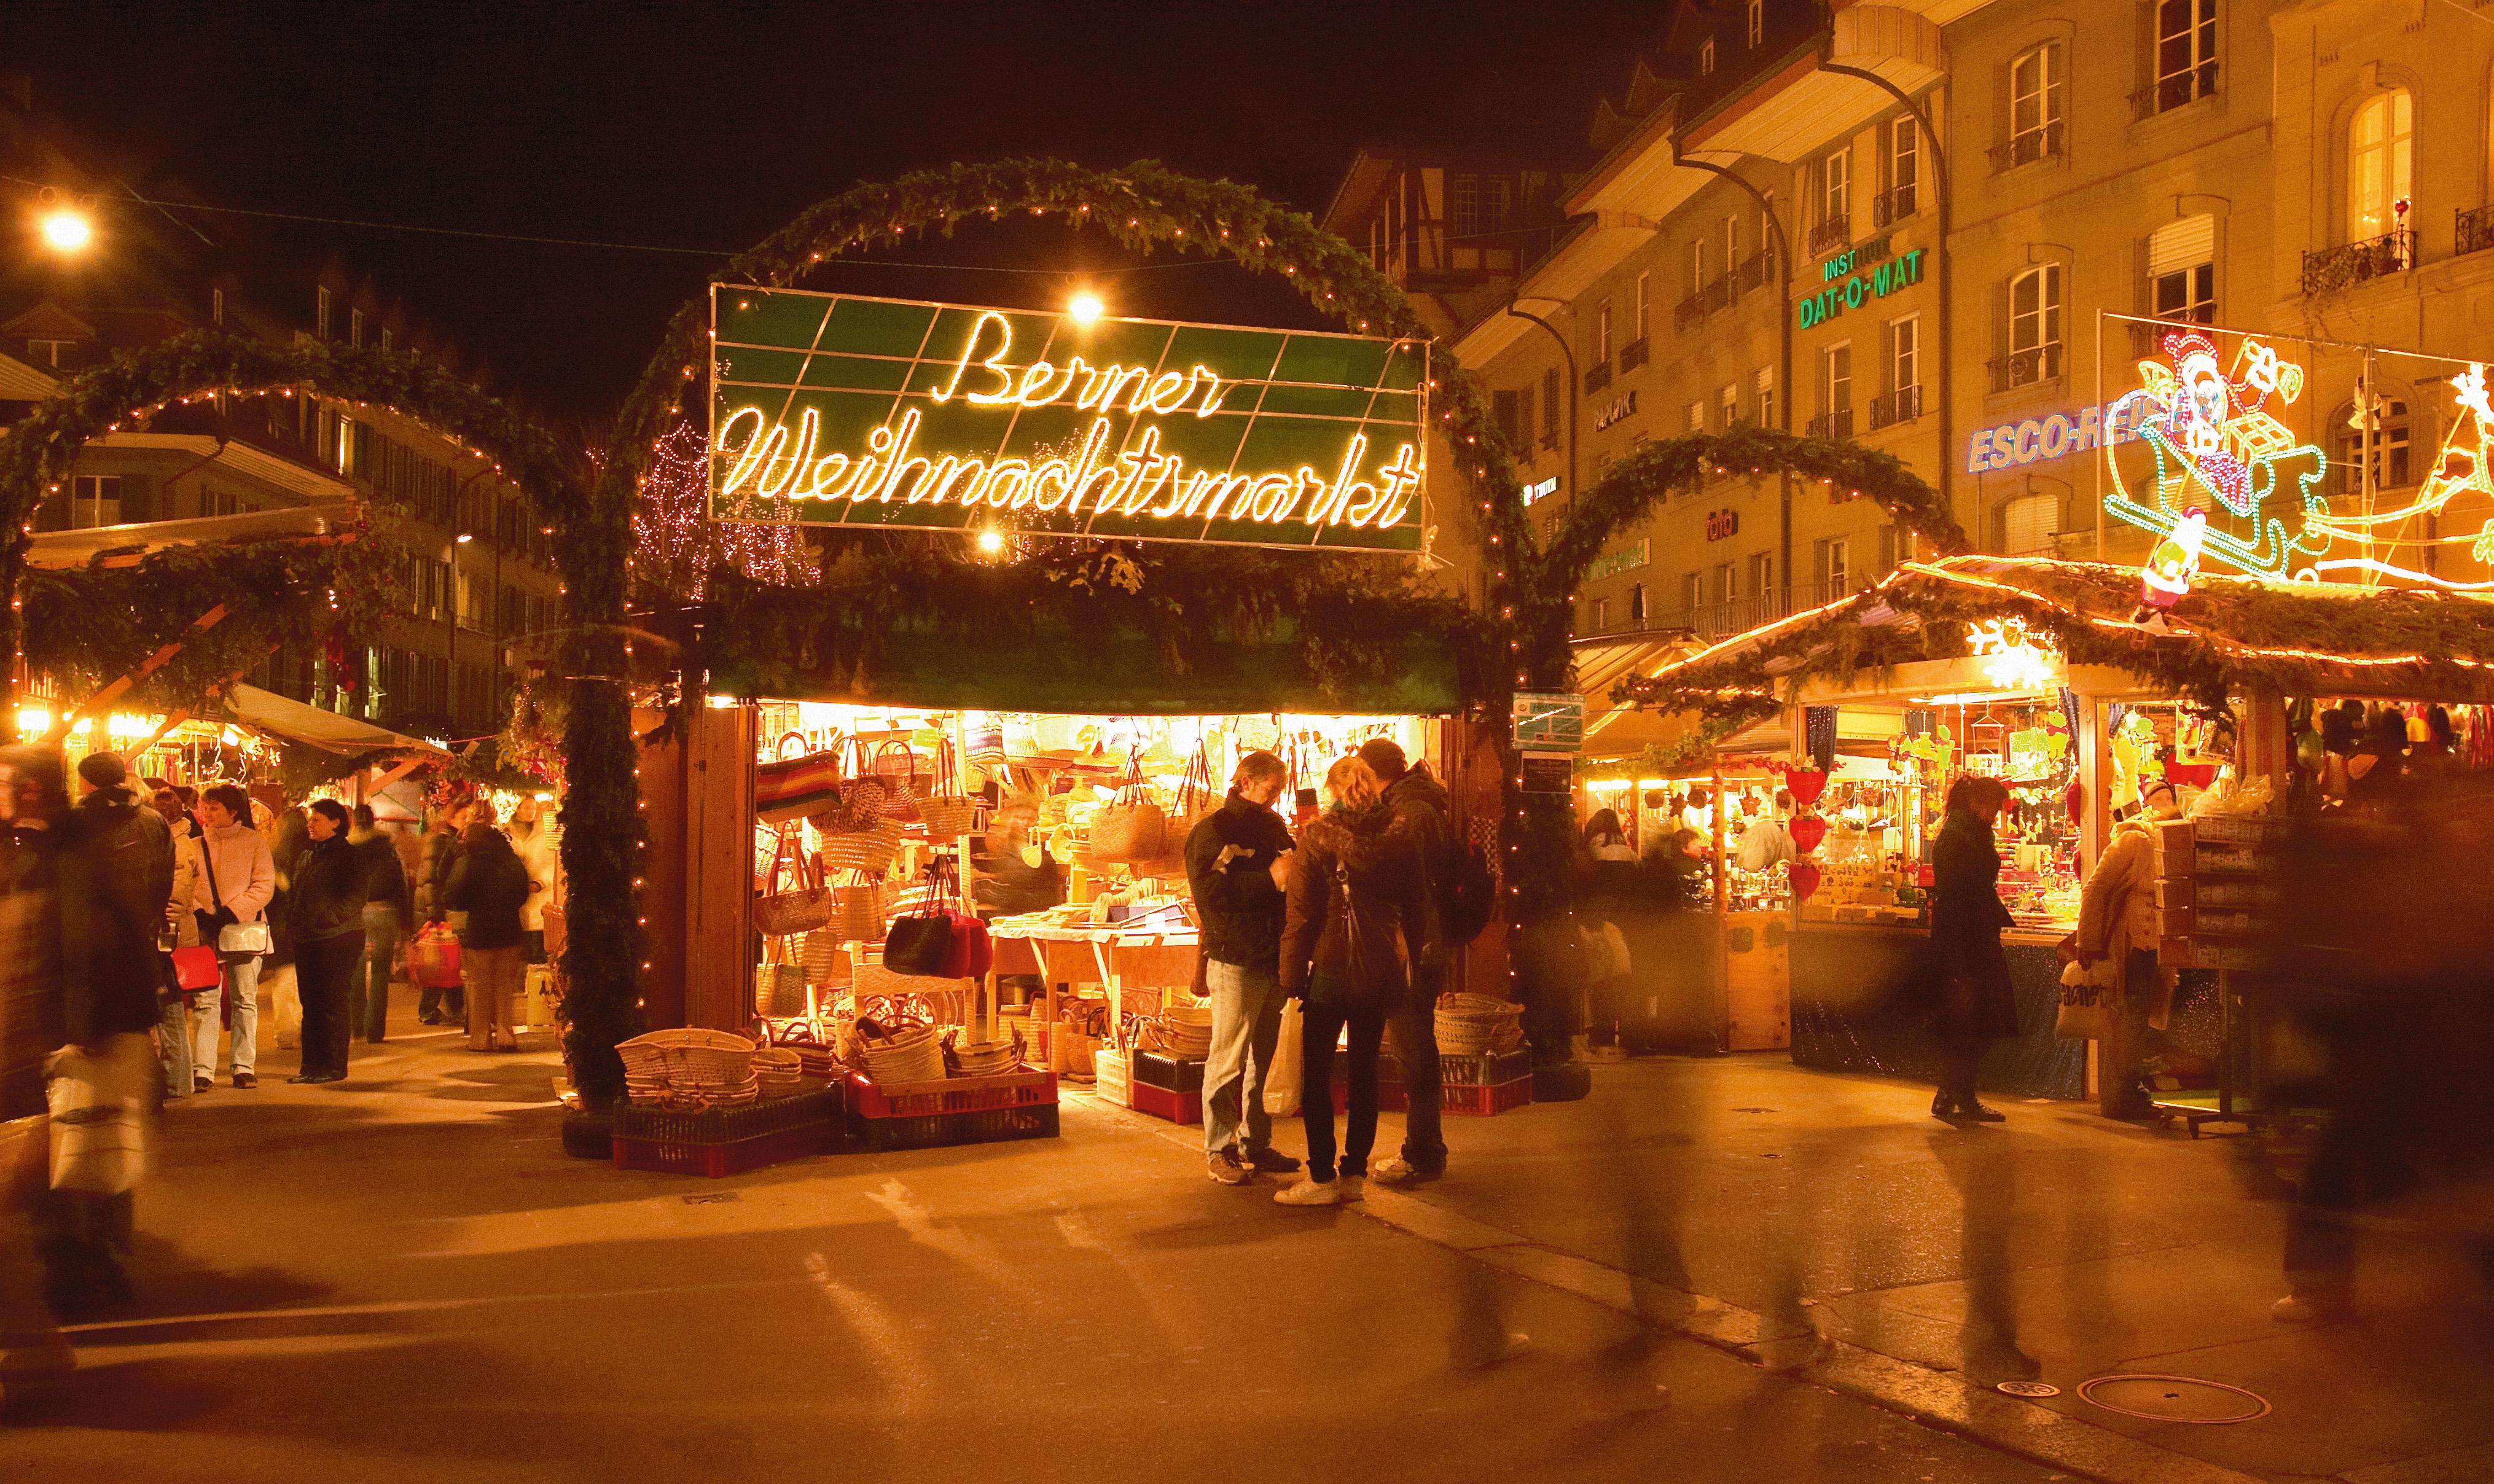 Weihnachtmarkt Bern